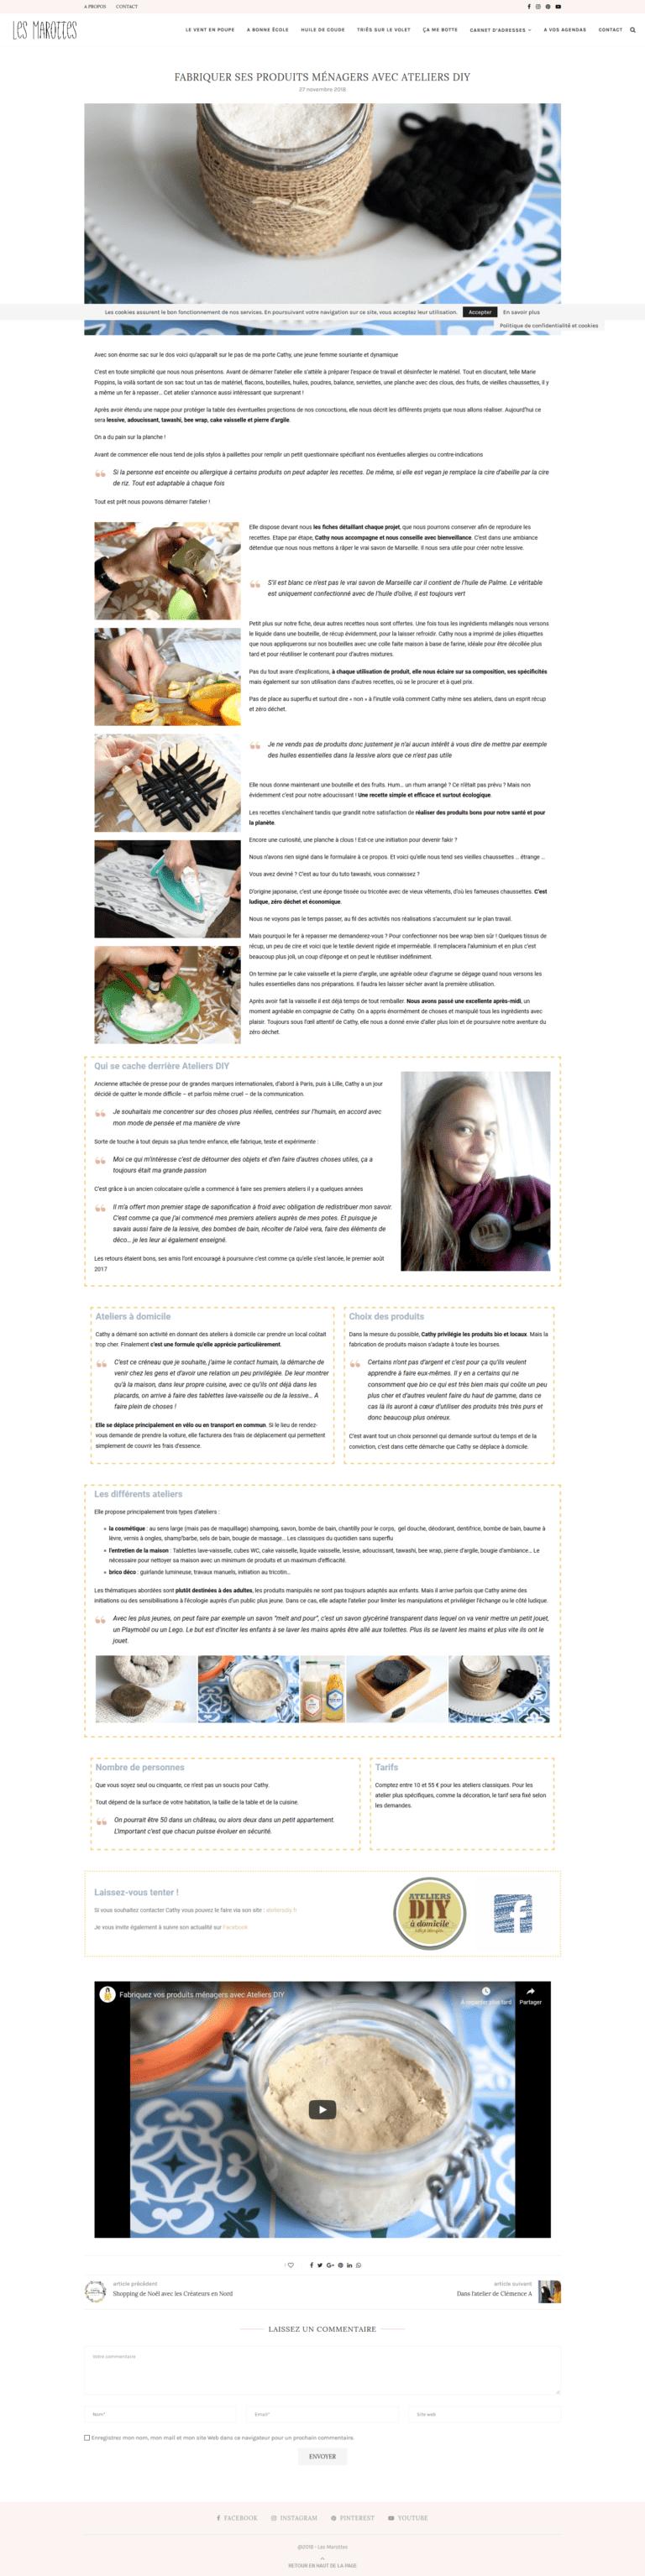 Article Les marottes Retrouvez l'article complet sur http://lesmarottes.fr/atelier/fabriquer-produits-menagers-ateliers-diy/?fbclid=IwAR1LJFI6A5TP-LL5E8IPQx0wp2GK37o8ZqqB5M9FWKUIa68fbcguvCTwUOk